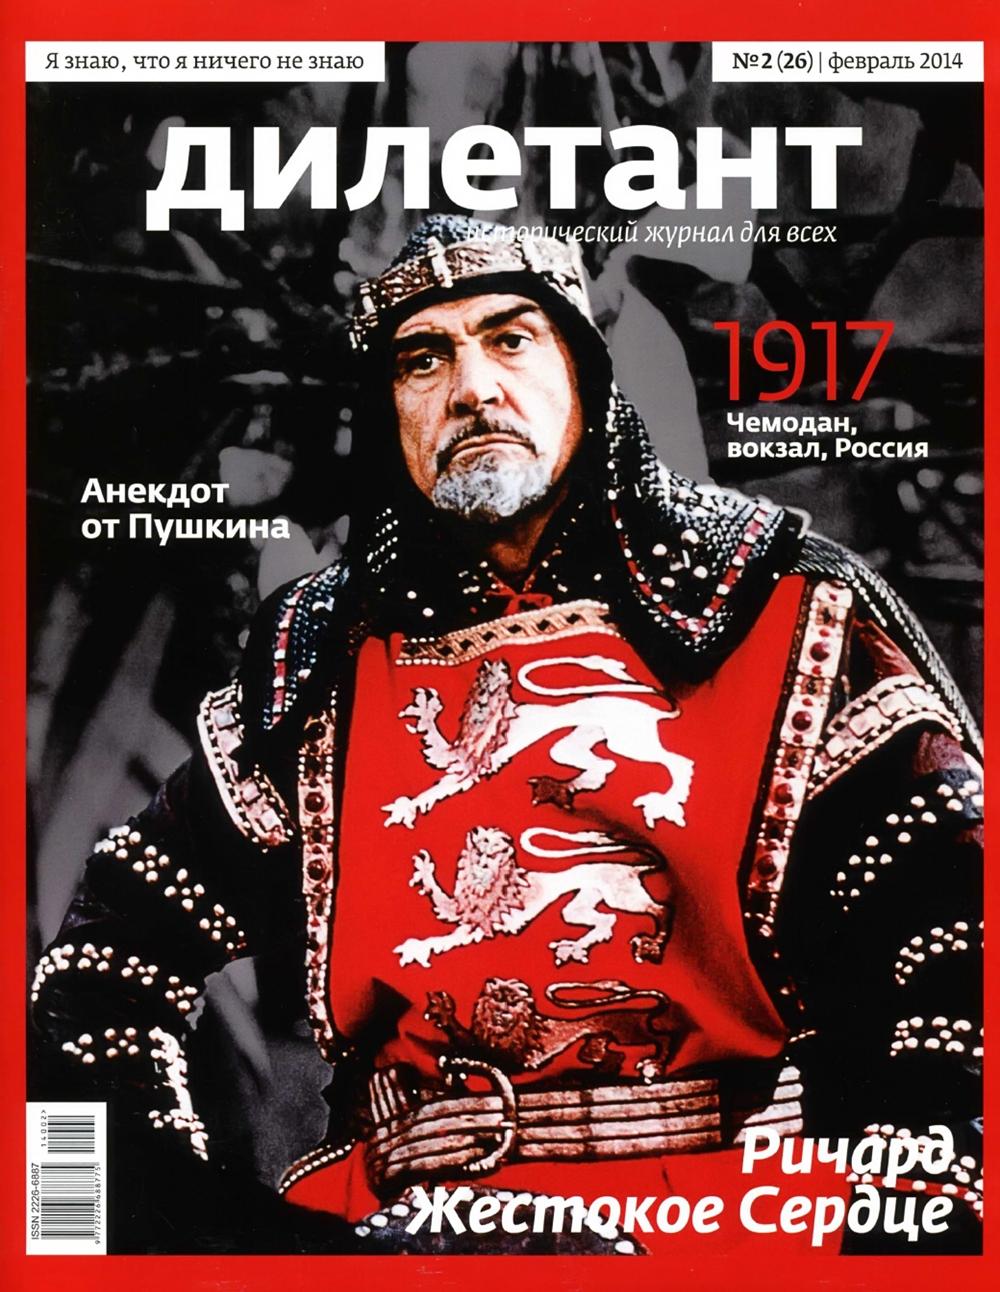 http://images.vfl.ru/ii/1404420340/cd75b1b7/5616641.jpg